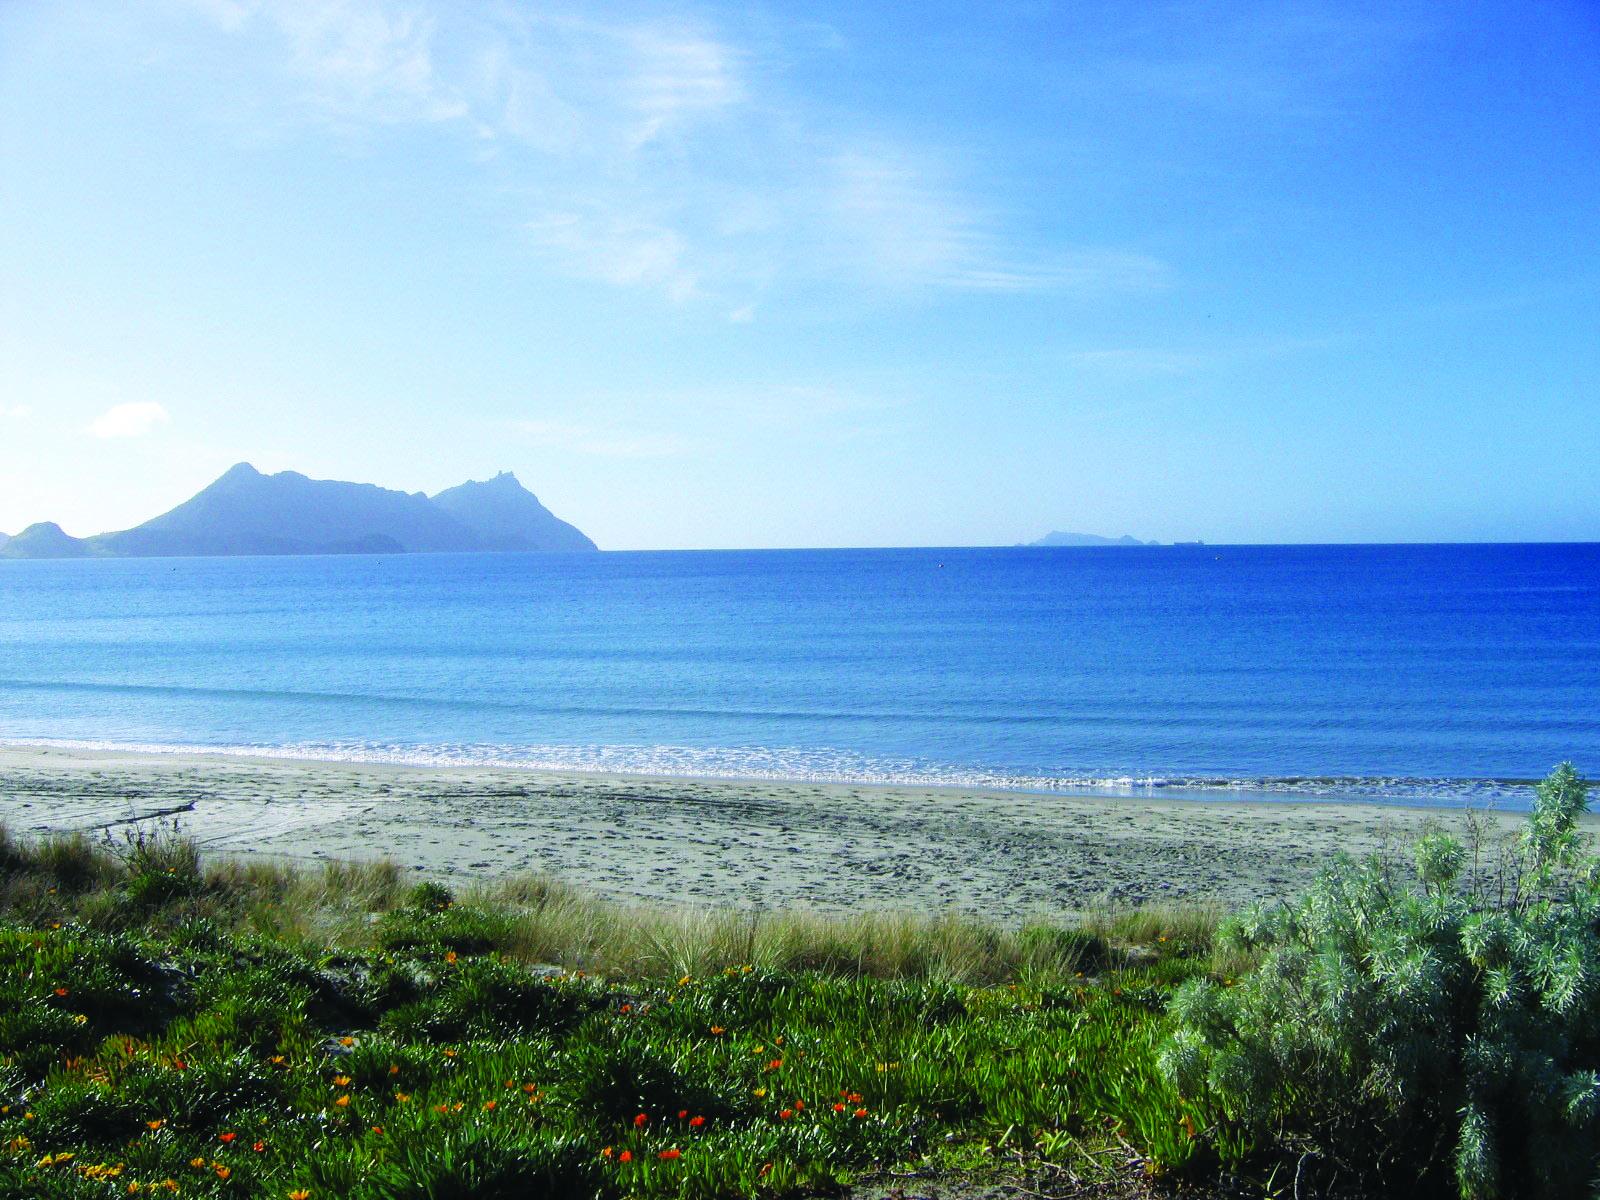 Uretiti Beach Camping - Waipu, Northland, NZ - 63 travel